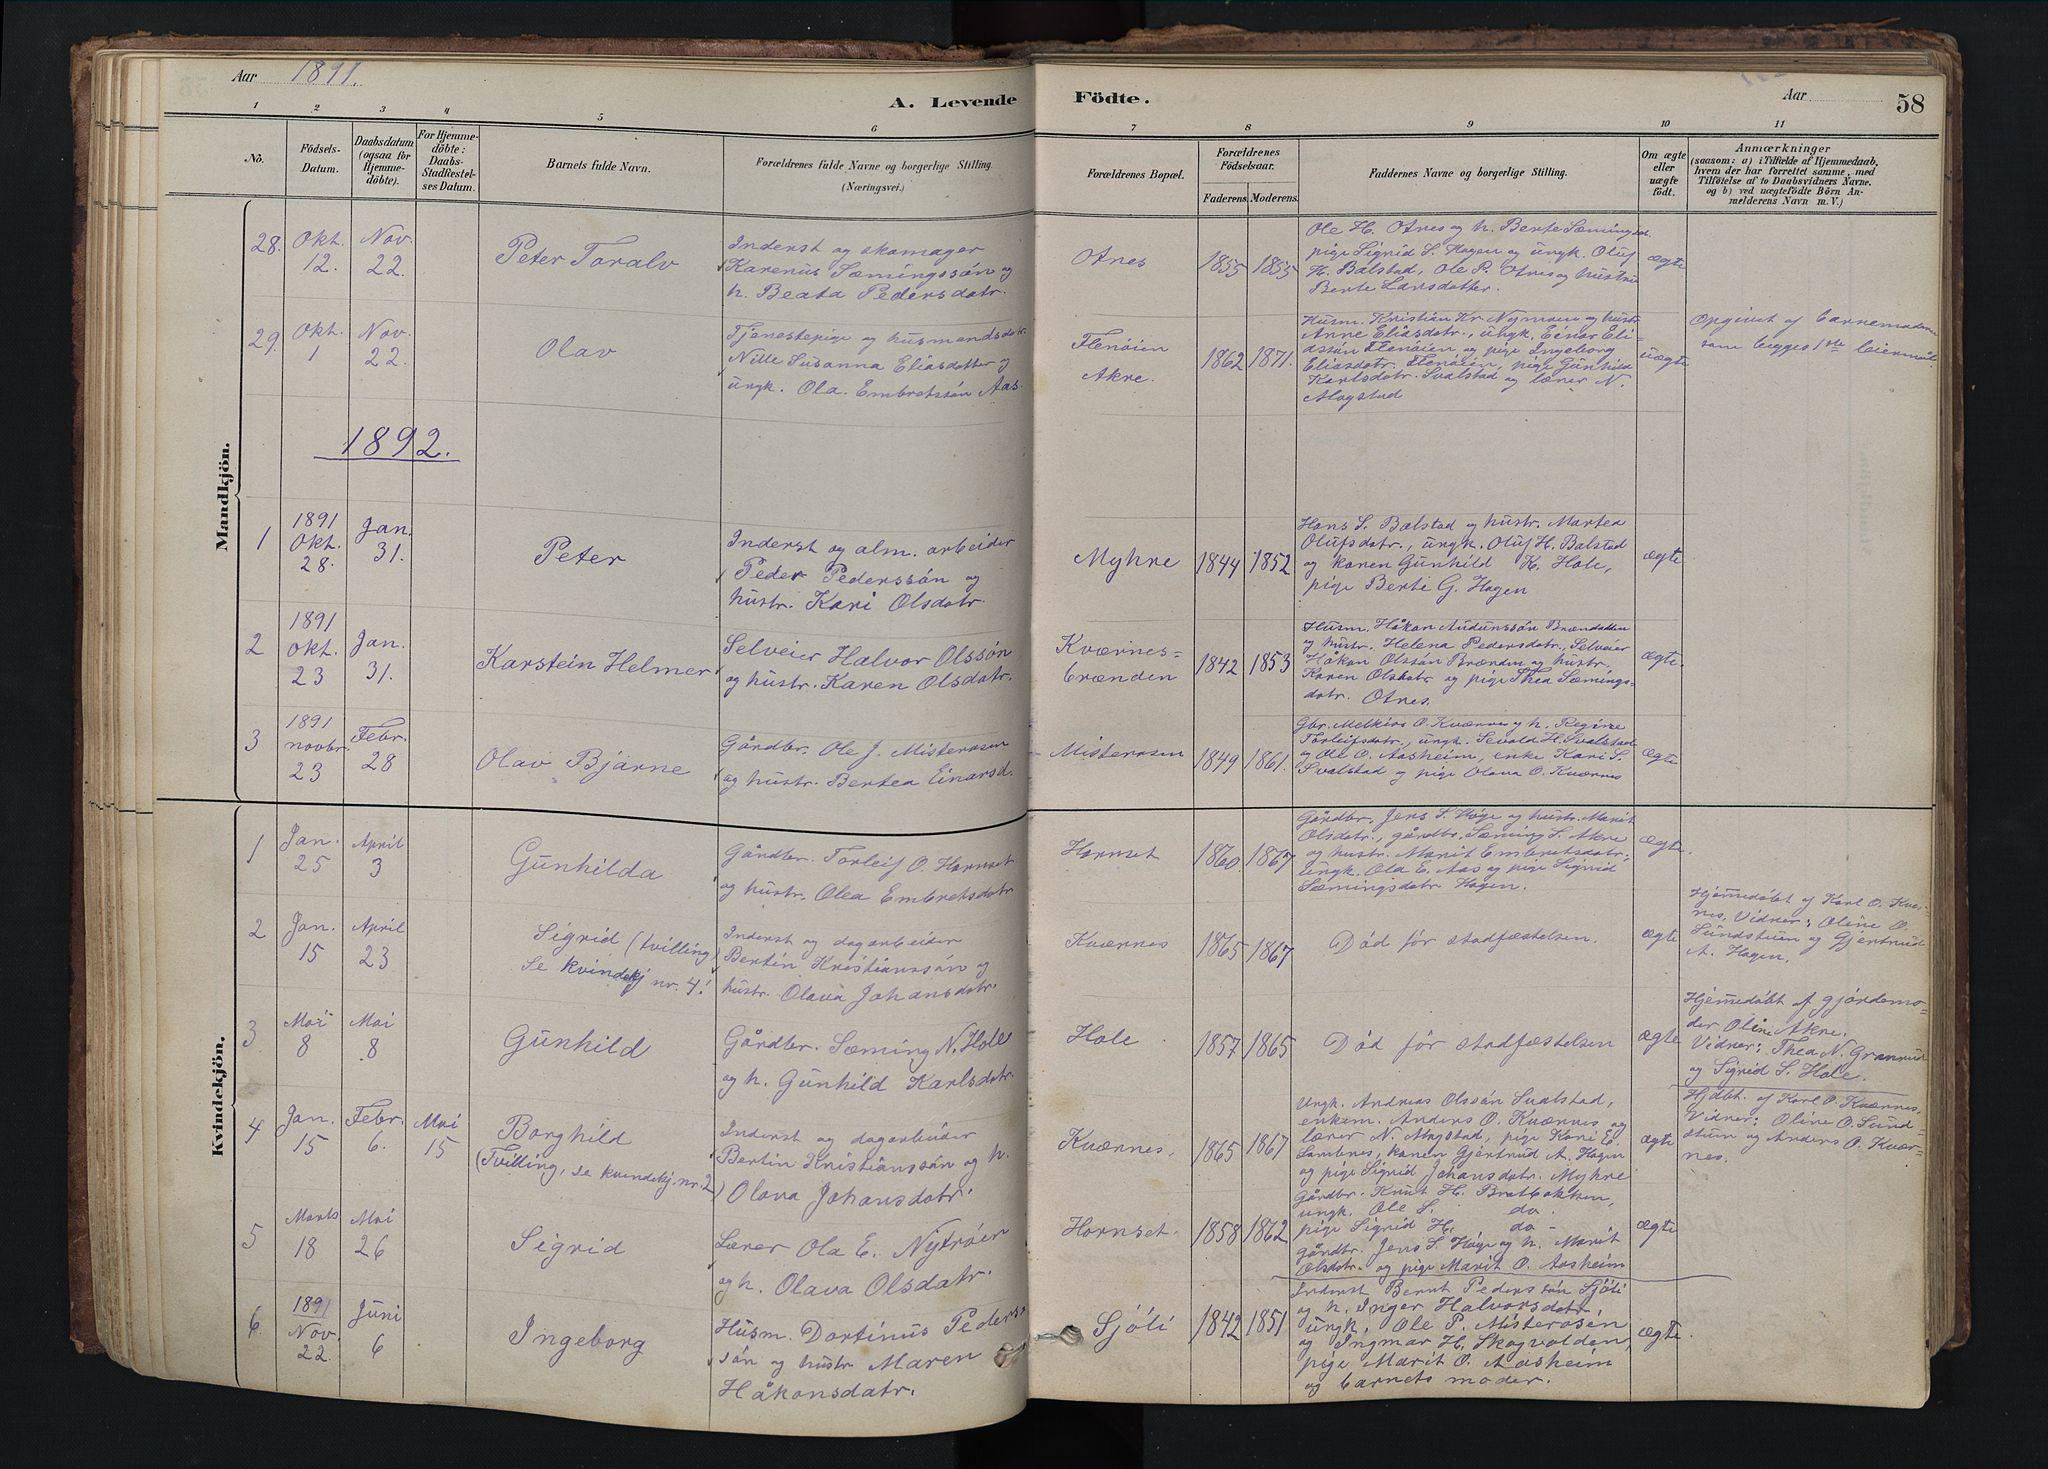 SAH, Rendalen prestekontor, H/Ha/Hab/L0009: Klokkerbok nr. 9, 1879-1902, s. 58